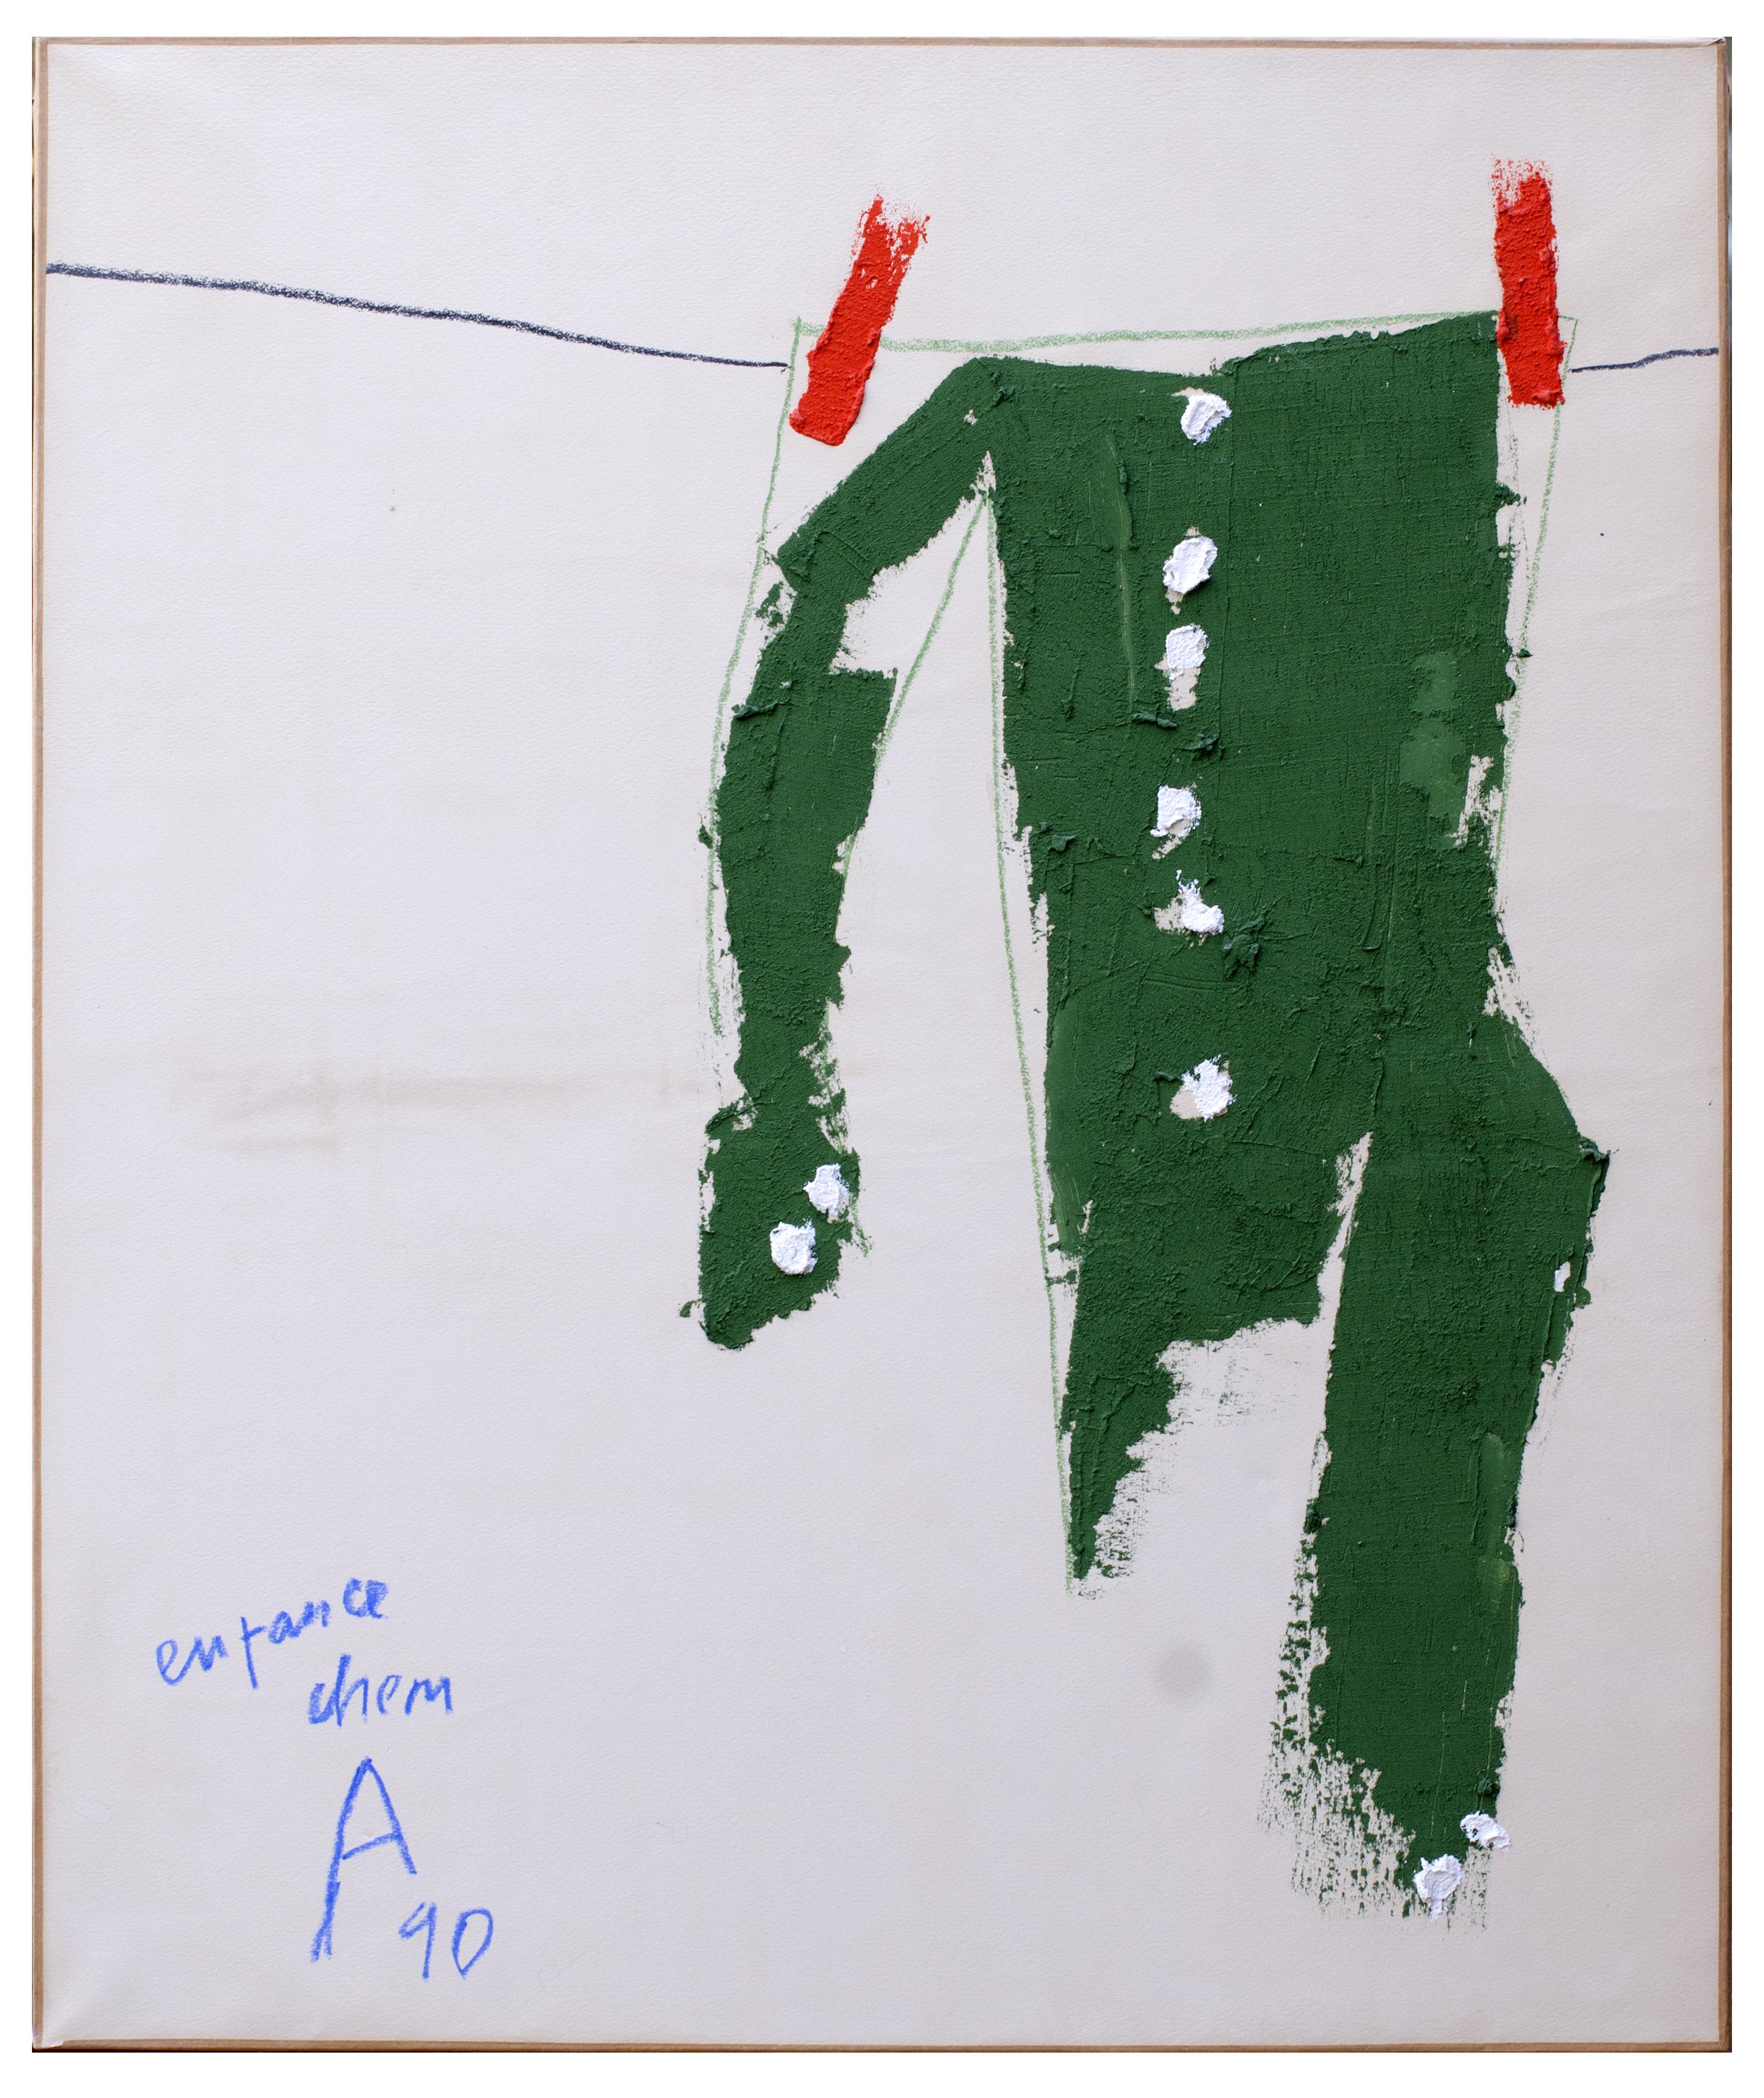 Angel Alonso - Enfance - Pigments sur papier marouflé sur toile - 83 x 70 cm - Reproduit dans le catalogue de l'exposition de Dreux p.94